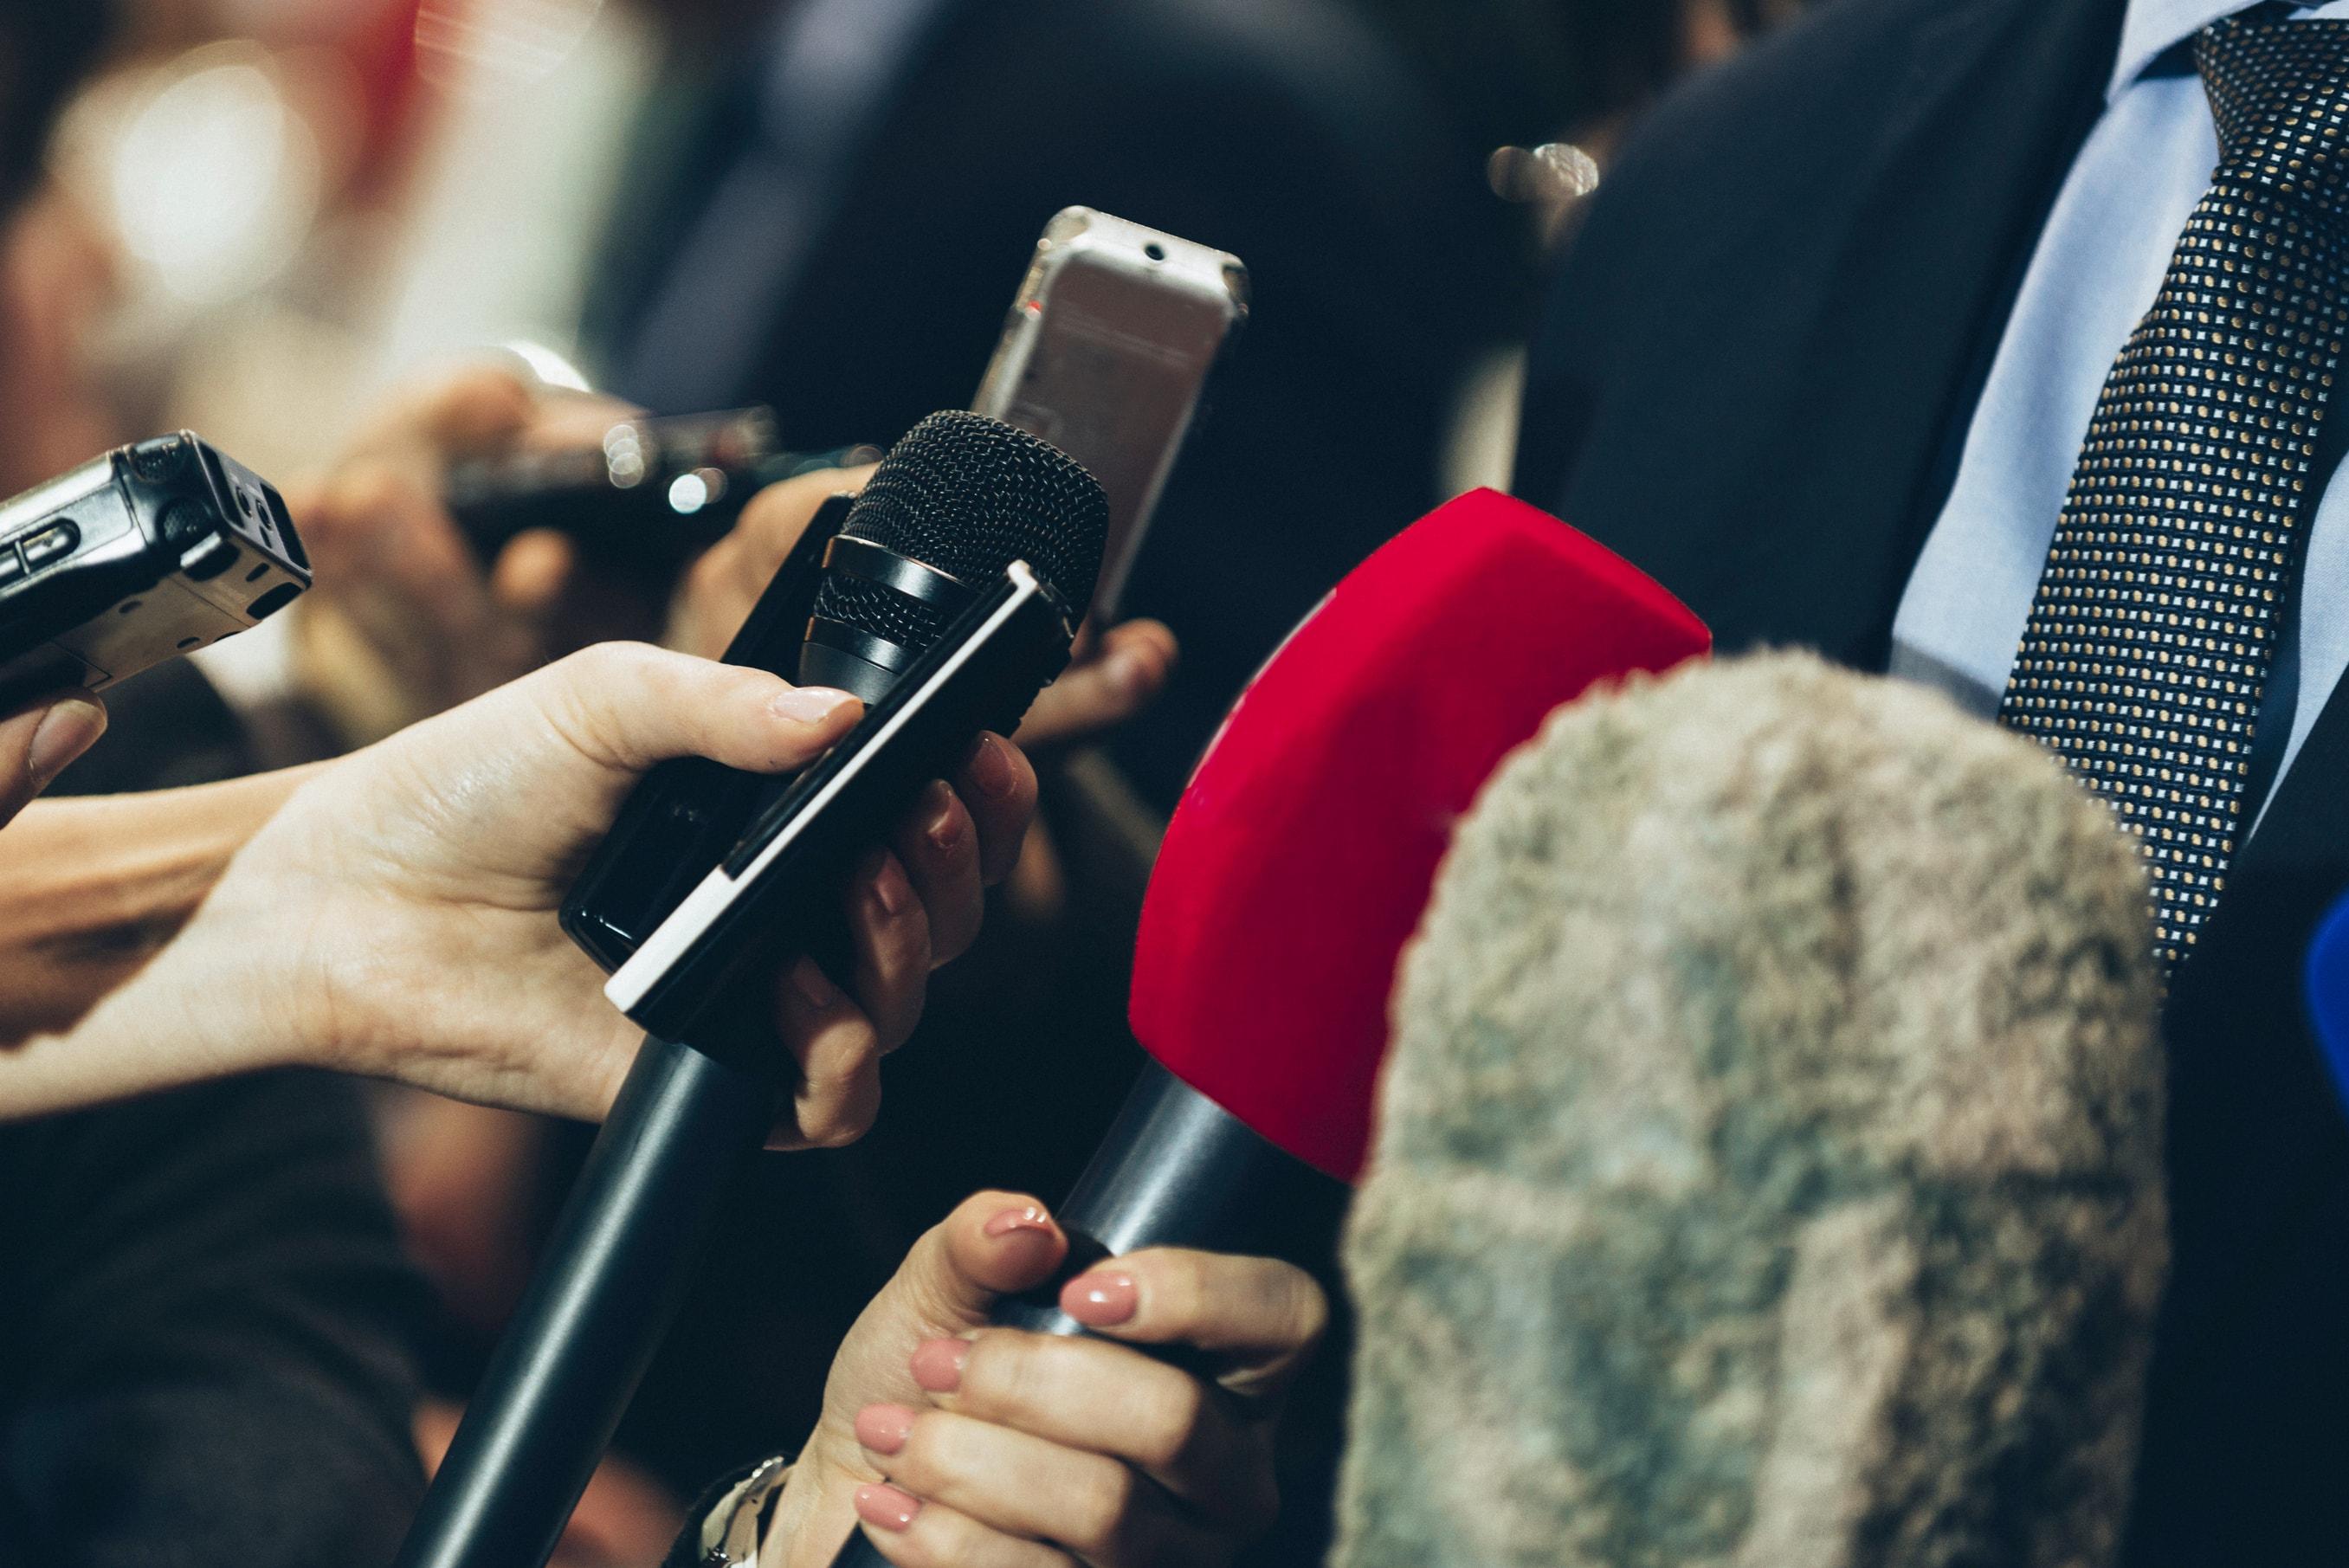 Припинити тиск на журналістів та медіа! РЕЗОЛЮЦІЯ